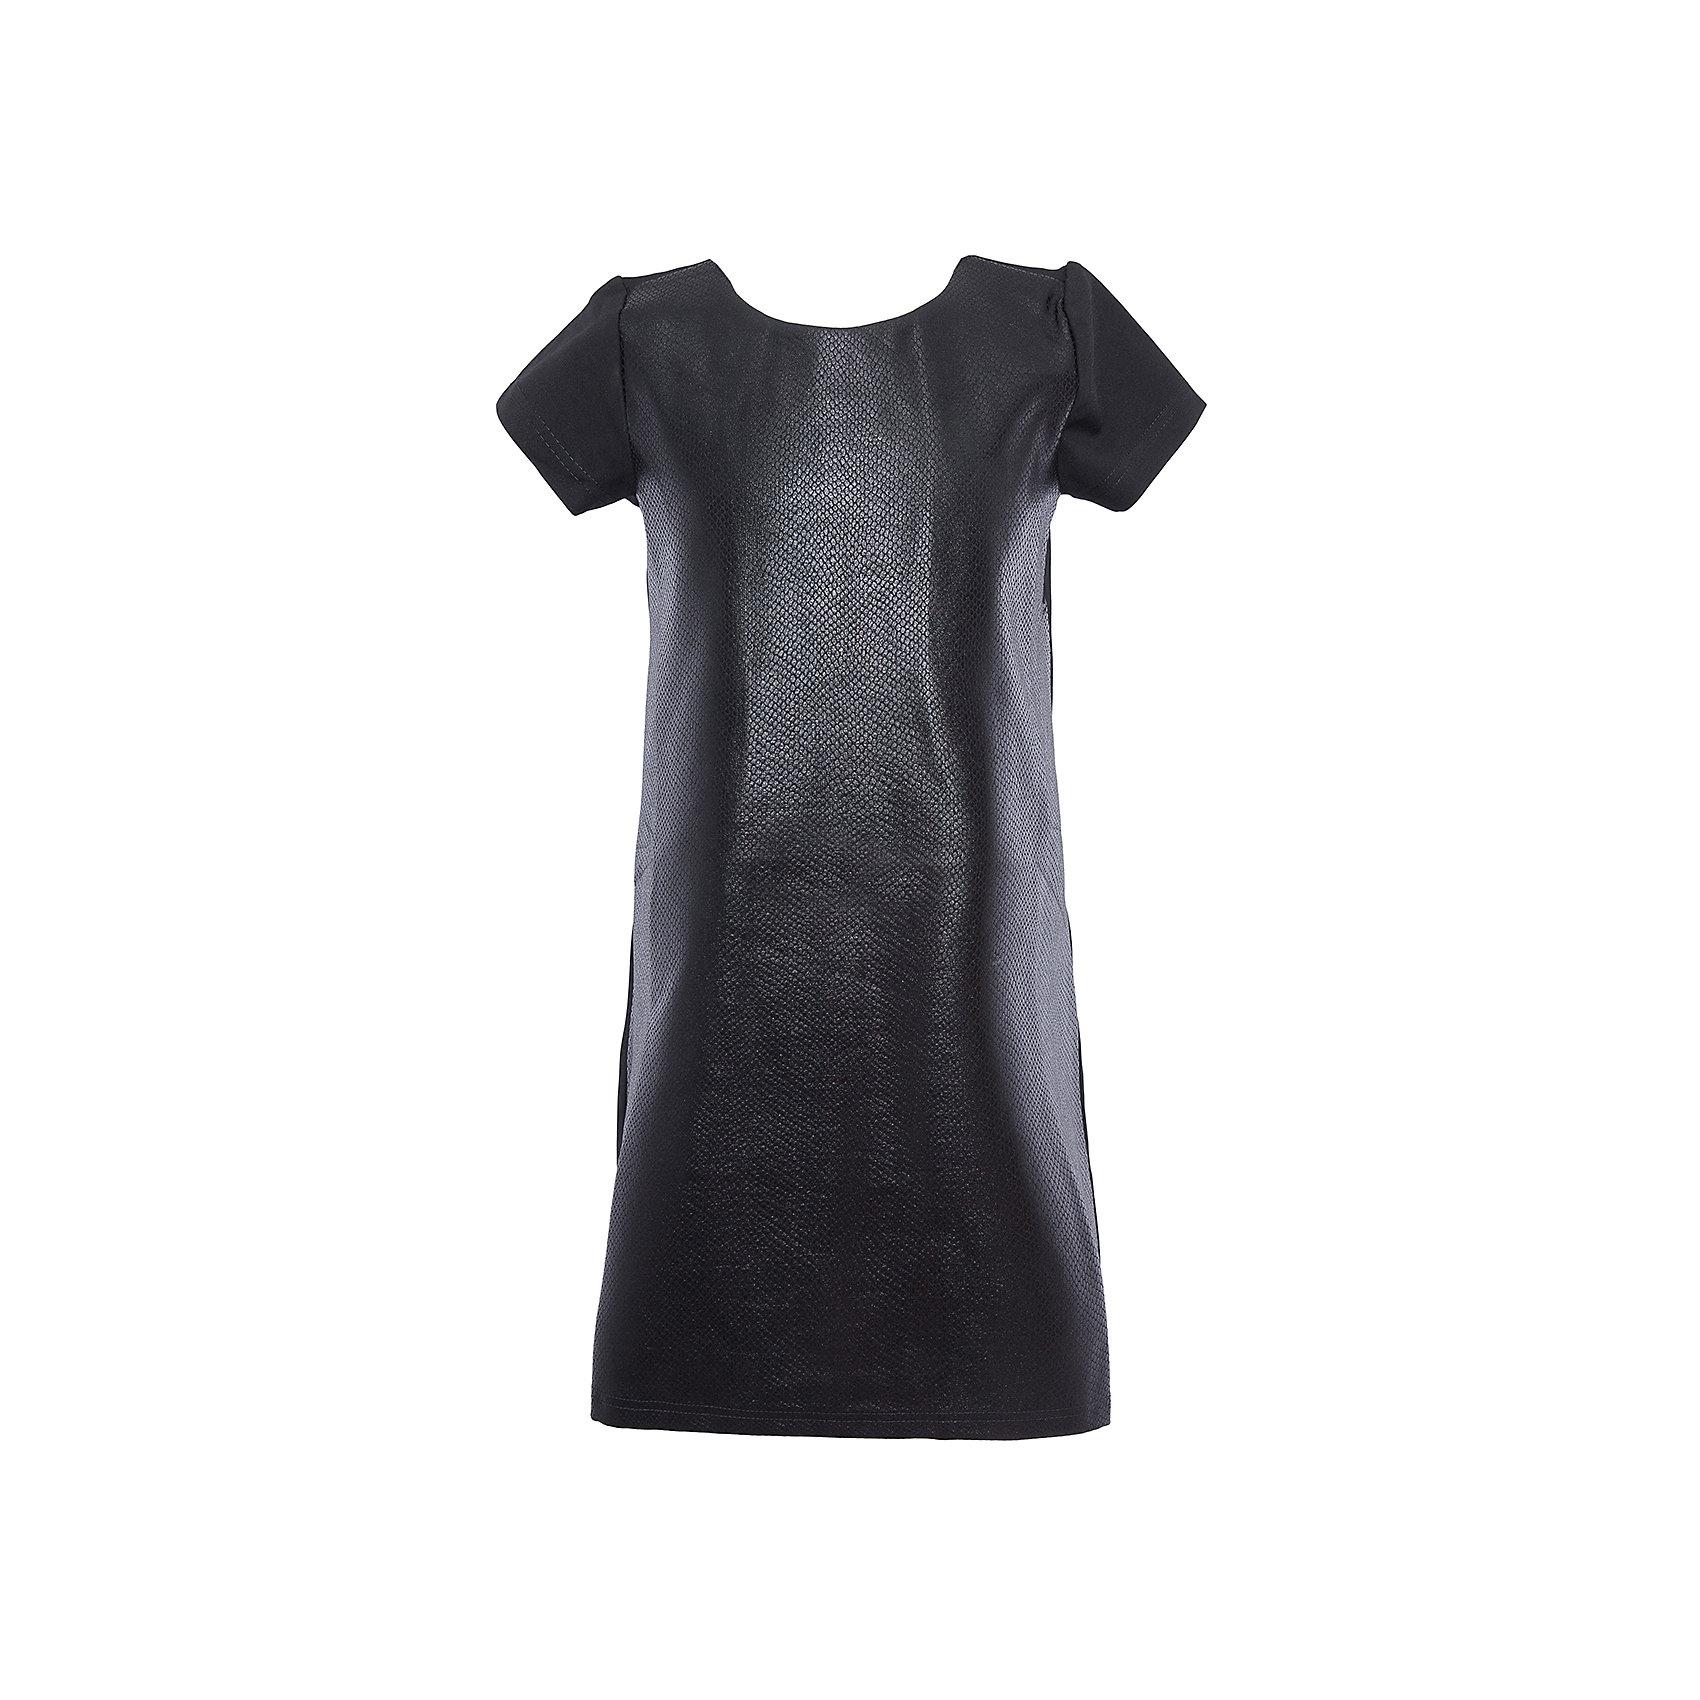 Нарядное платье для девочки ScoolХарактеристики:<br><br>• Вид одежды: праздничное платье, повседневное платье<br>• Сезон: круглый год<br>• Материал: 70% вискоза, 25% полиэстер, 5% эластан<br>• Цвет: черный<br>• Силуэт: прямой<br>• Длина платья: миди<br>• Рукав: короткий, приспущенный<br>• Вырез горловины: круглый<br>• Застежка: молния<br>• Особенности ухода: ручная стирка без применения отбеливающих средств, глажение при низкой температуре <br><br>Стильное платье для девочки Scool может быть предназначено как для школьных будней, так и для праздничных дней, если к нему добавить яркие и стильные аксессуары. Оно выполнено в классическом прямом силуэте, средней длины, имеет круглую горловину и слегка приспущенный рукав. Особенность платья заключается в фактуре ткани, из которой оно изготовлено: имитация змеиной кожи. Платье для девочки Scool, – это стиль, качество и элегантность!<br><br>Платье для девочки Scool, можно купить в нашем интернет-магазине.<br><br>Ширина мм: 236<br>Глубина мм: 16<br>Высота мм: 184<br>Вес г: 177<br>Цвет: черный<br>Возраст от месяцев: 96<br>Возраст до месяцев: 108<br>Пол: Женский<br>Возраст: Детский<br>Размер: 134,164,152,146,140,158<br>SKU: 5078510